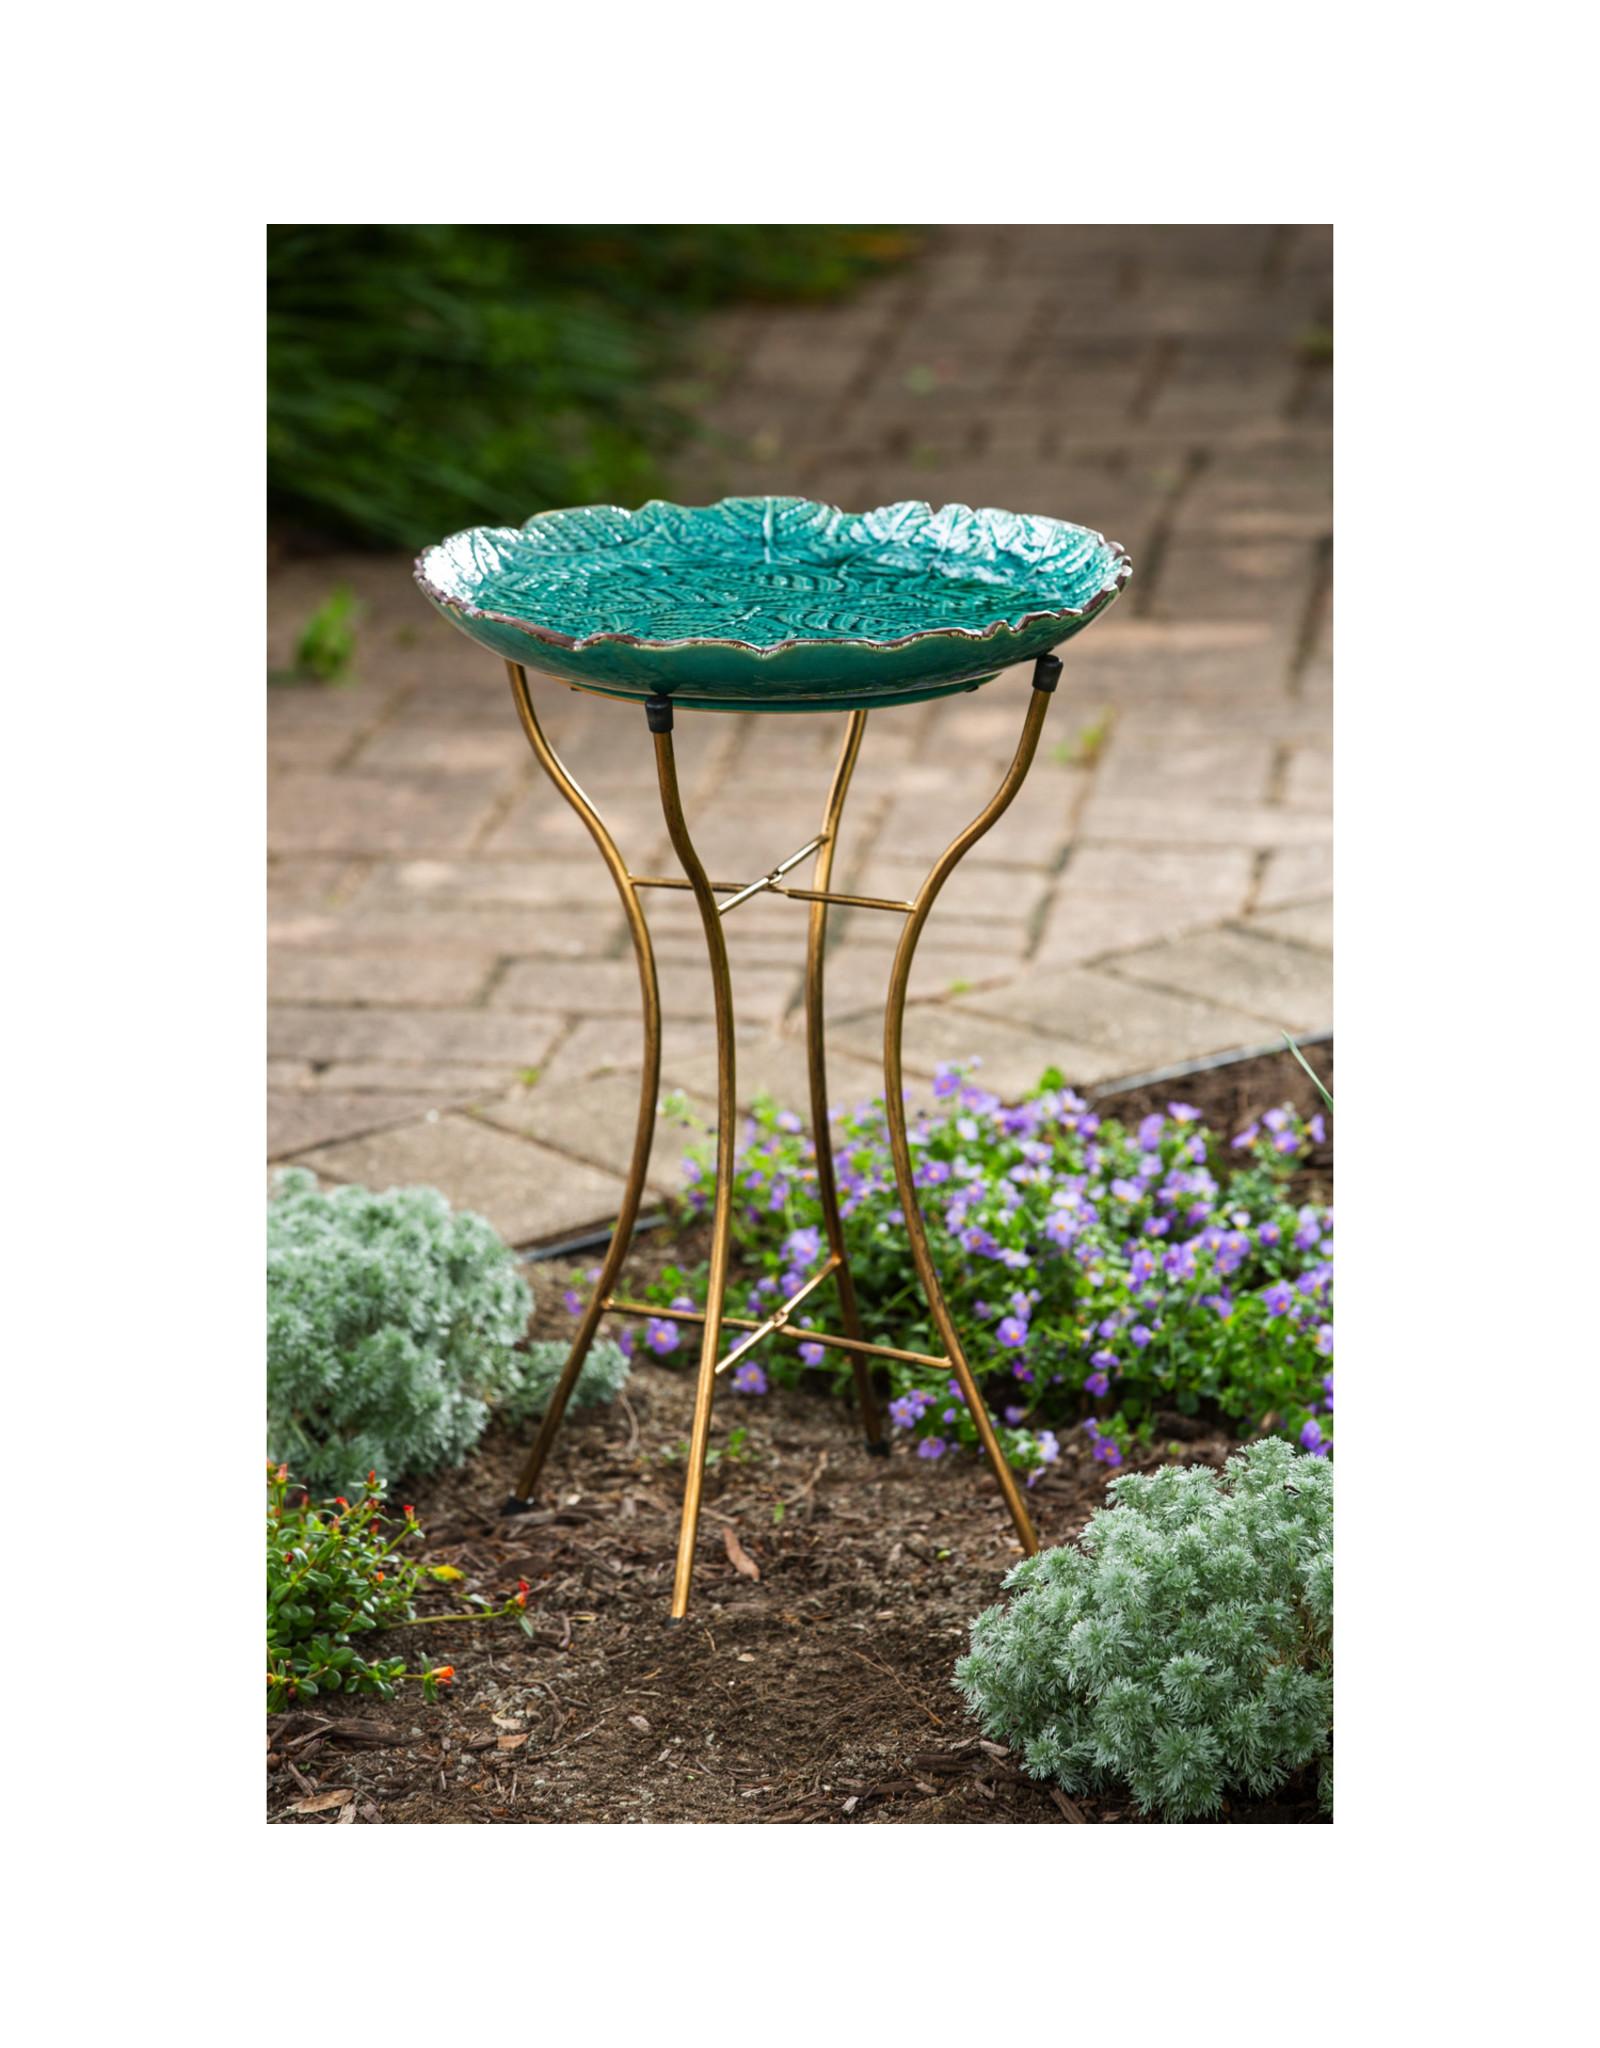 Evergreen EE81188 Ceramic Bird Bath w/stand Botanicals